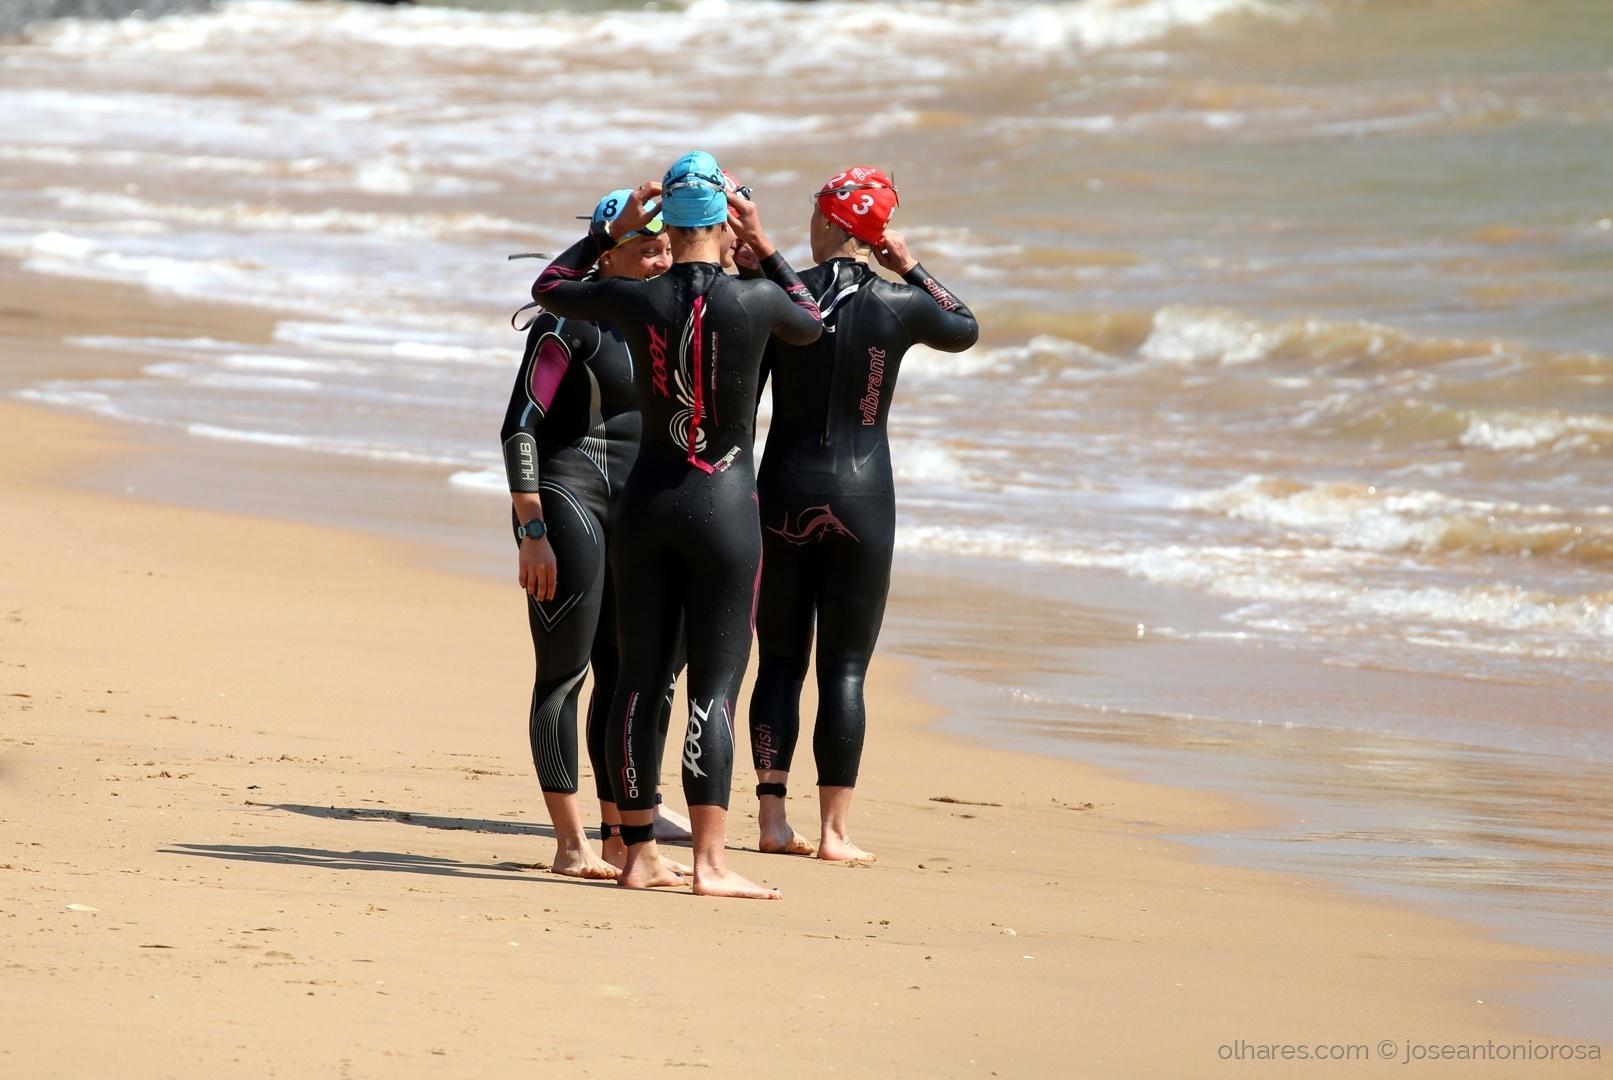 Desporto e Ação/Triatlo feminino - 7